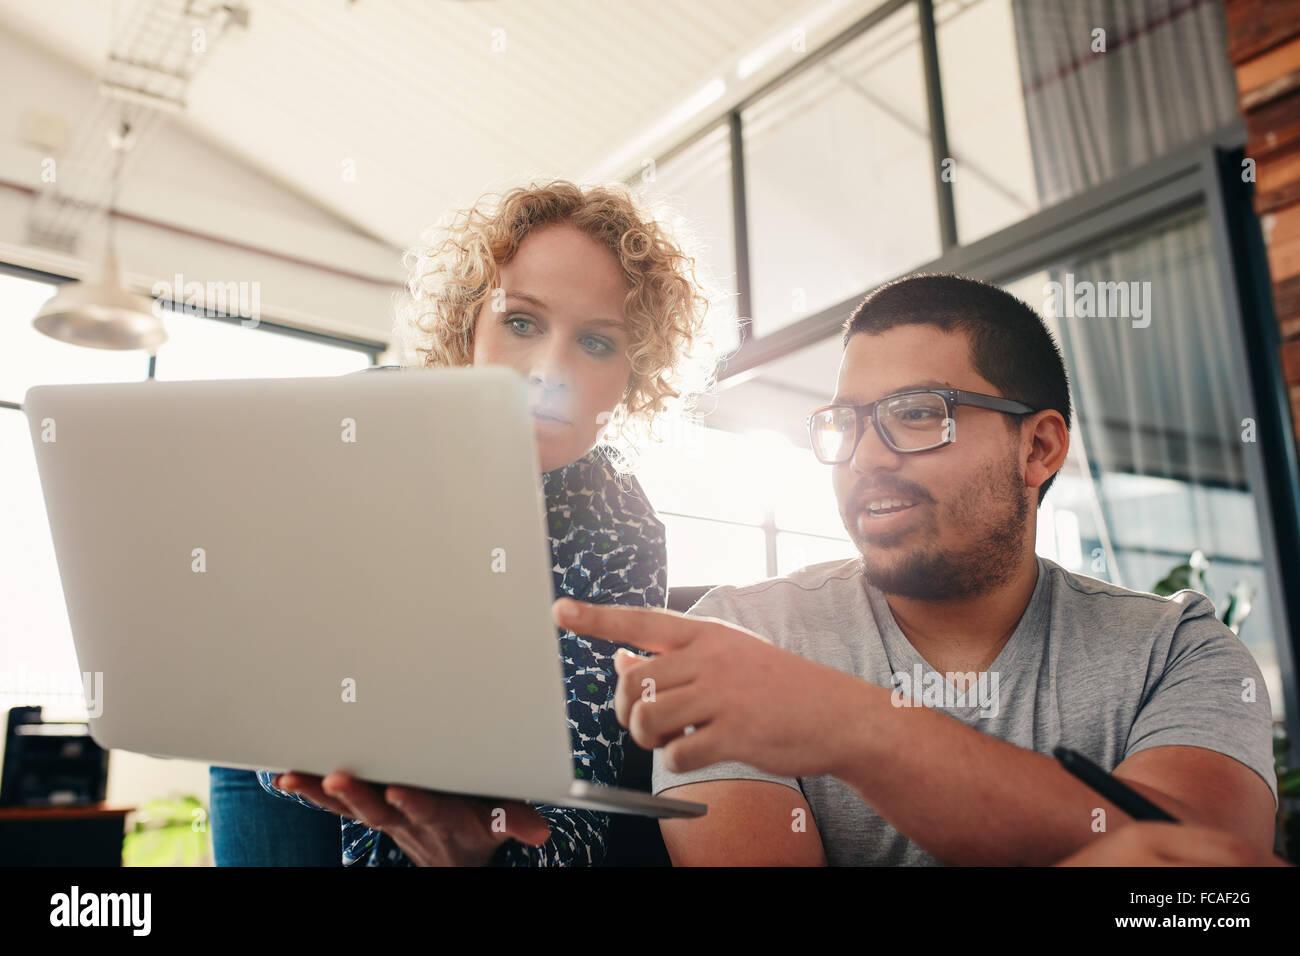 Dos jóvenes diseñadores gráficos trabajan en su propia oficina. El hombre apuntando a la laptop en Imagen De Stock